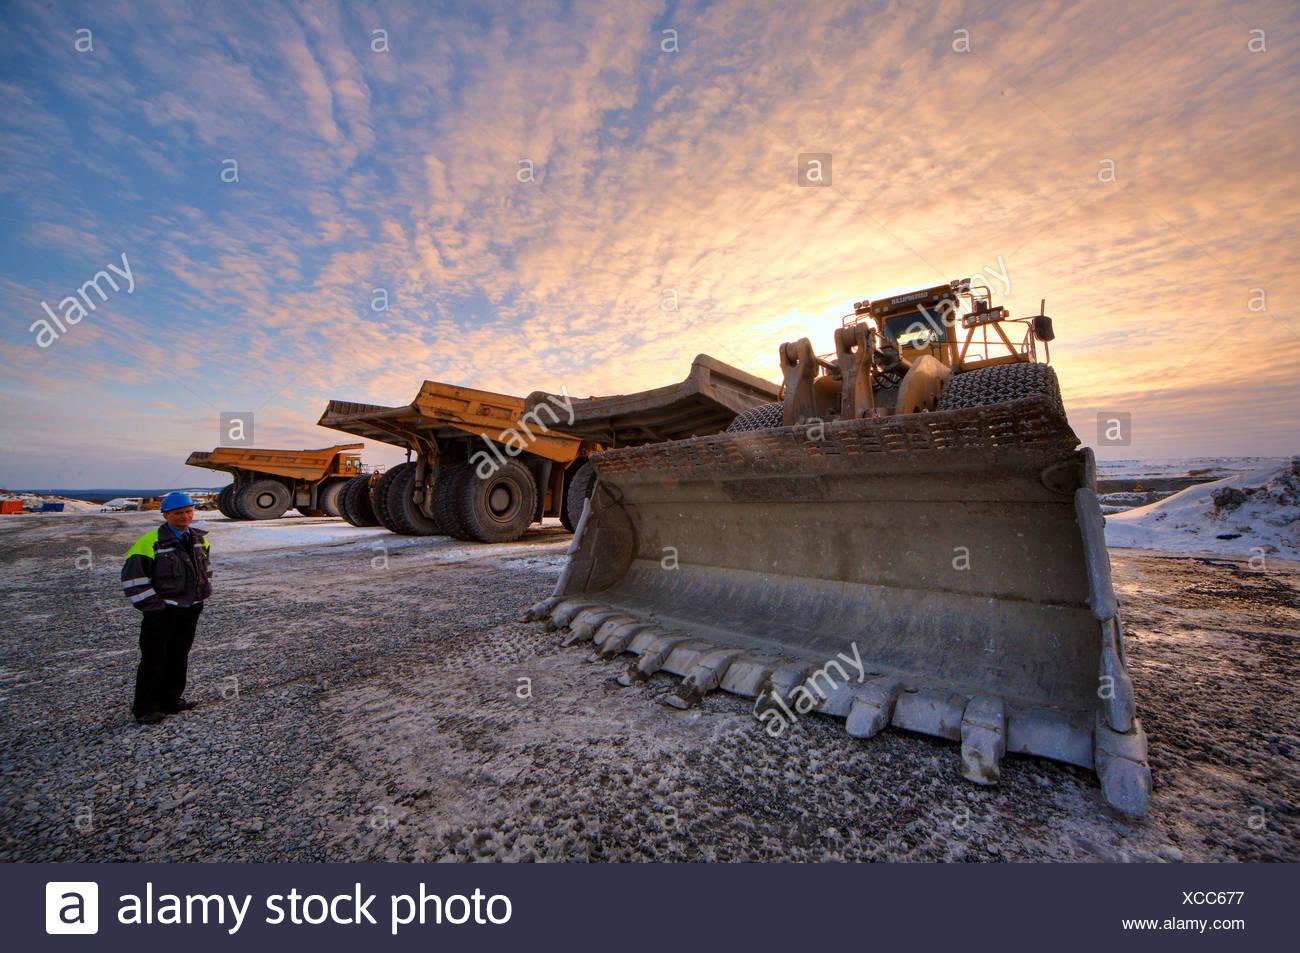 Wheel loader for mines in Gaellivare, Sweden, Scandinavia, Europe - Stock Image